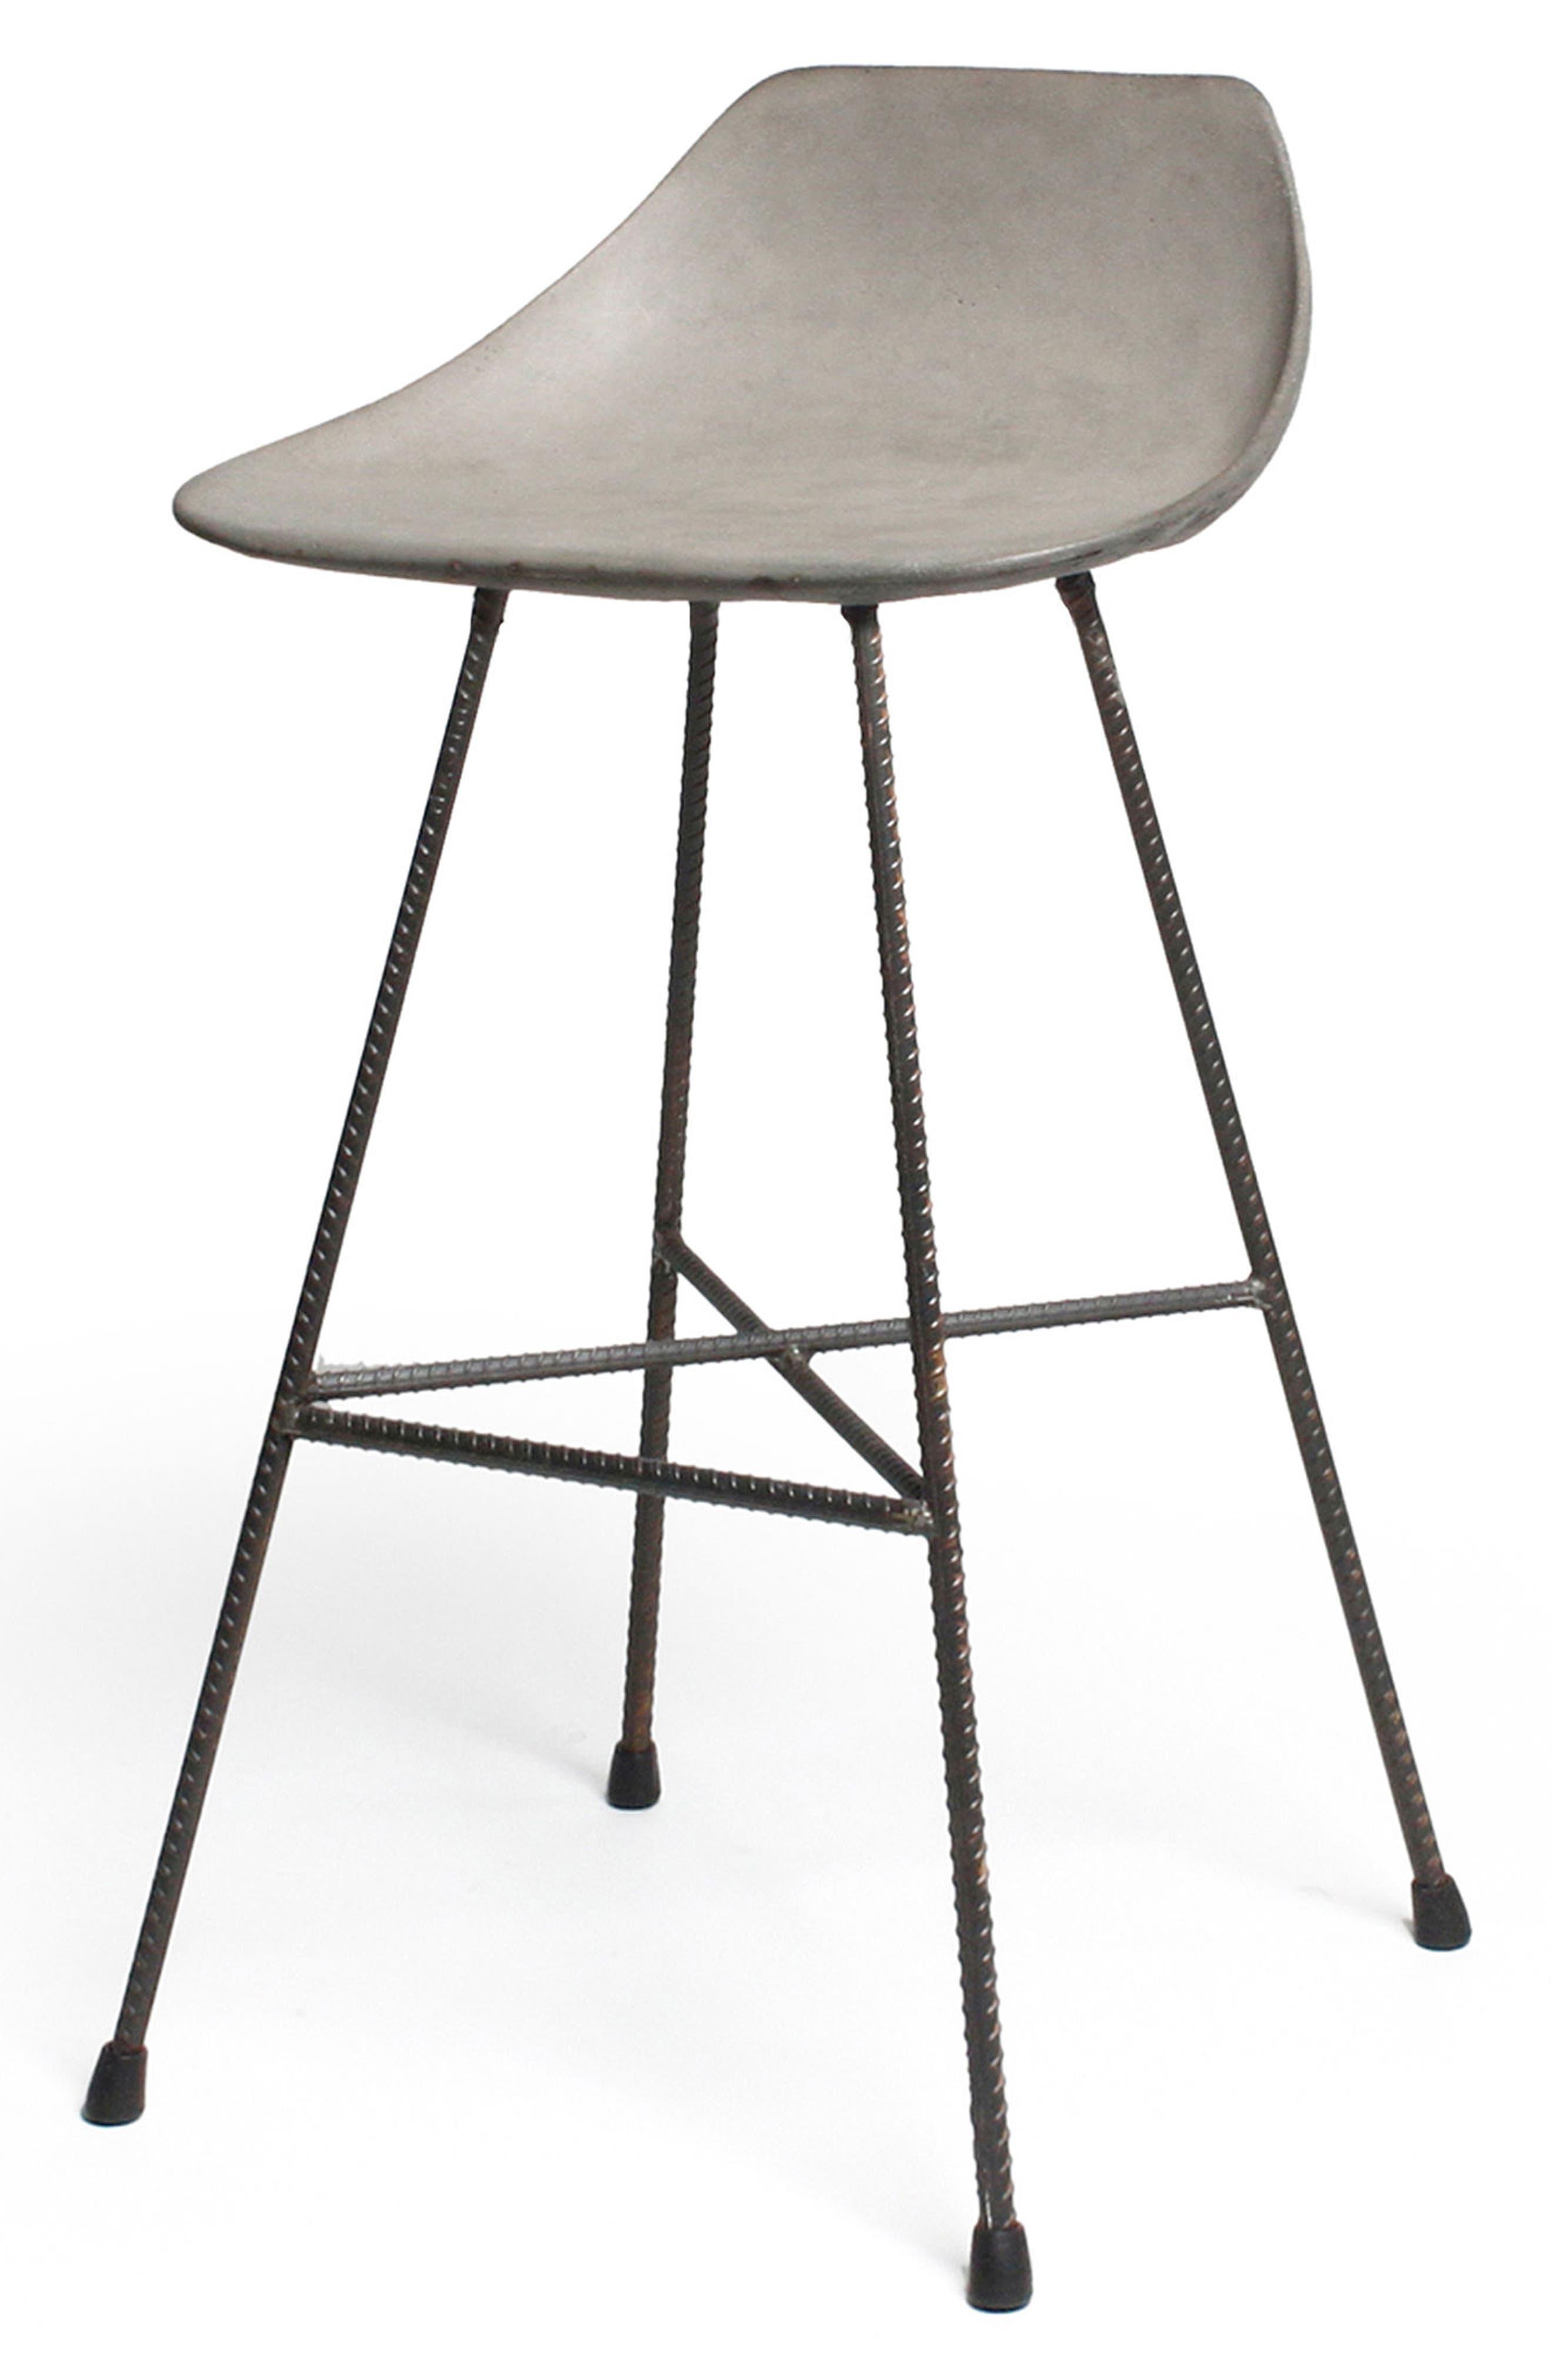 Lyon Béton Hauteville Counter Chair,                             Alternate thumbnail 9, color,                             Cement